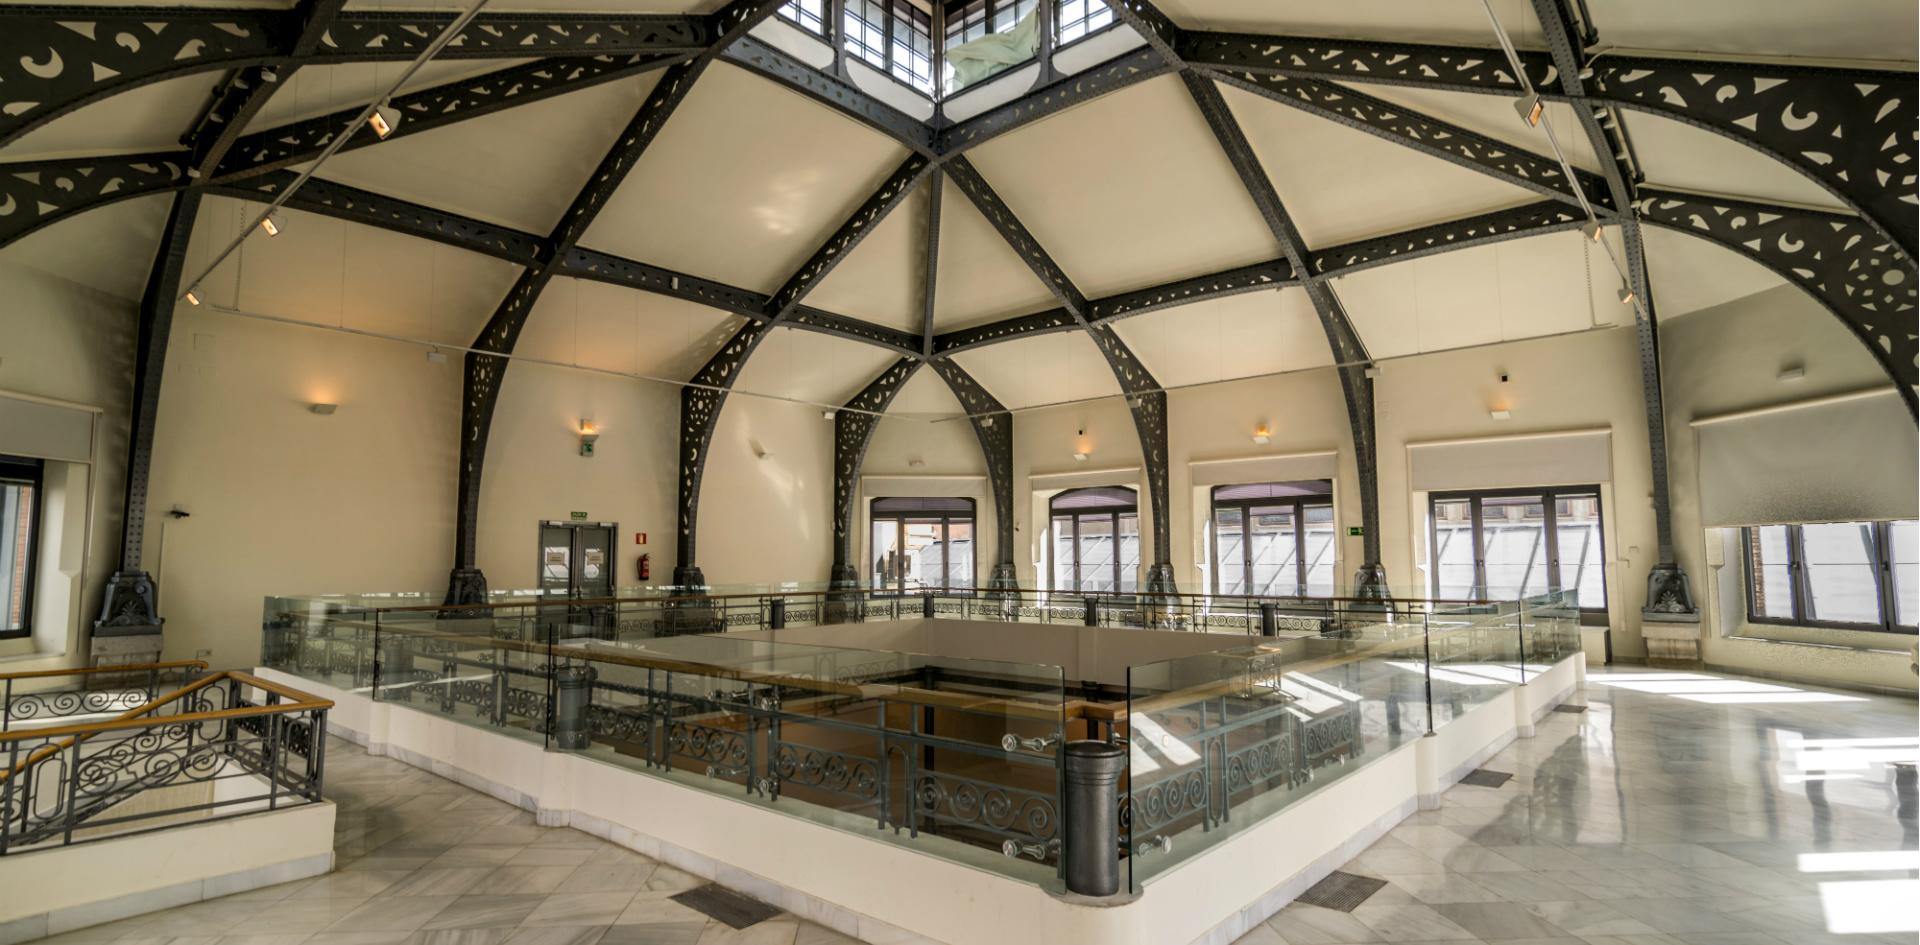 Palacio de las Alhajas